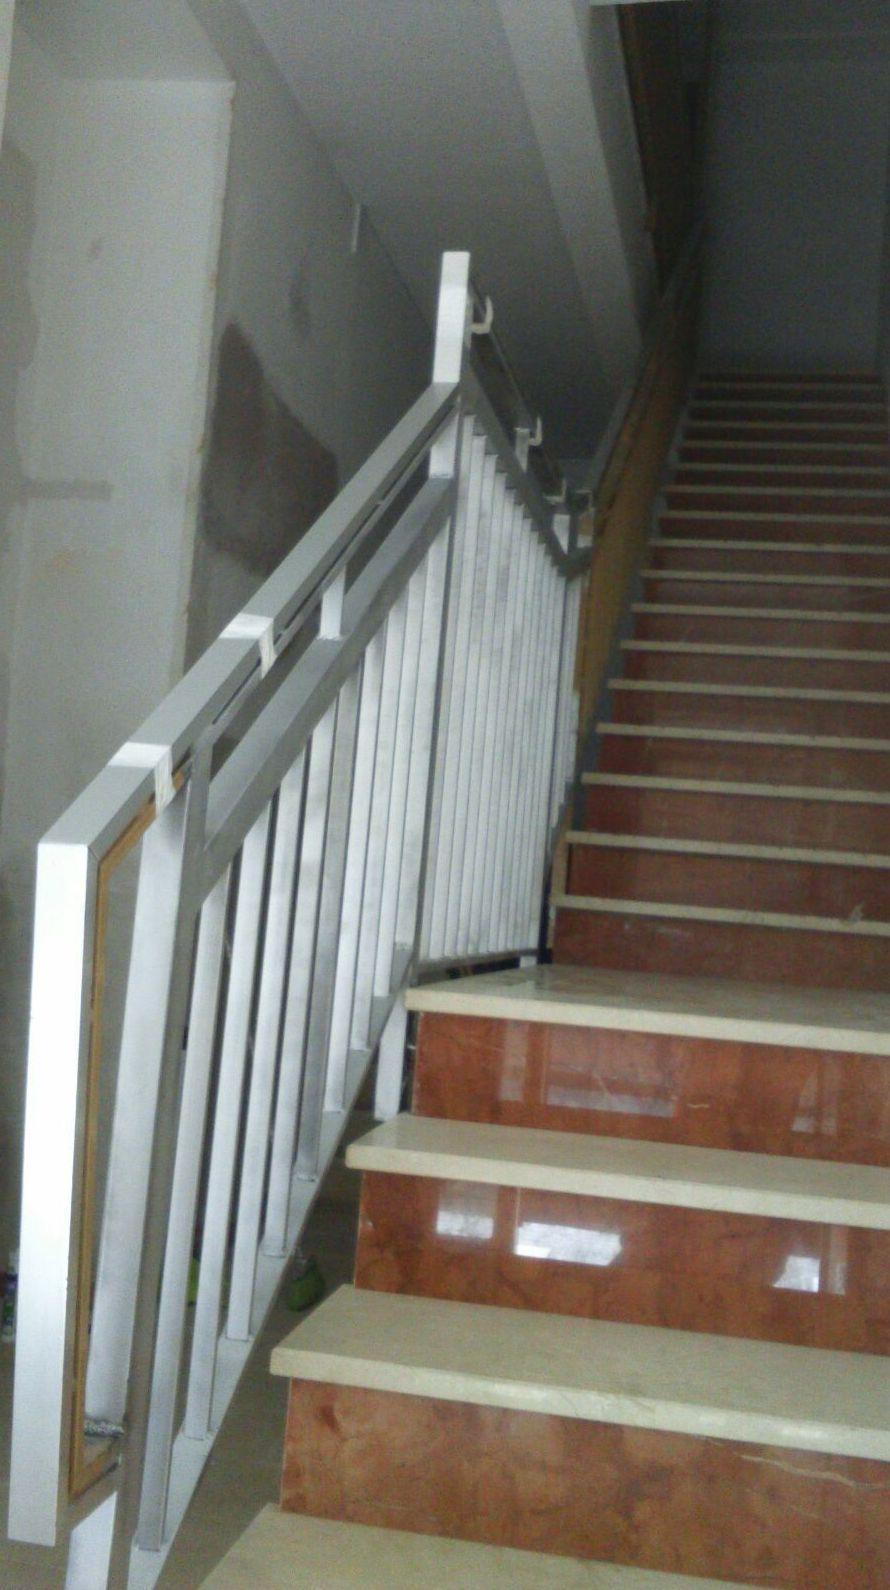 Foto 148 de Carpintería de aluminio, metálica y PVC en  | Exposición, Carpintería de aluminio- toldos-cerrajeria - reformas del hogar.